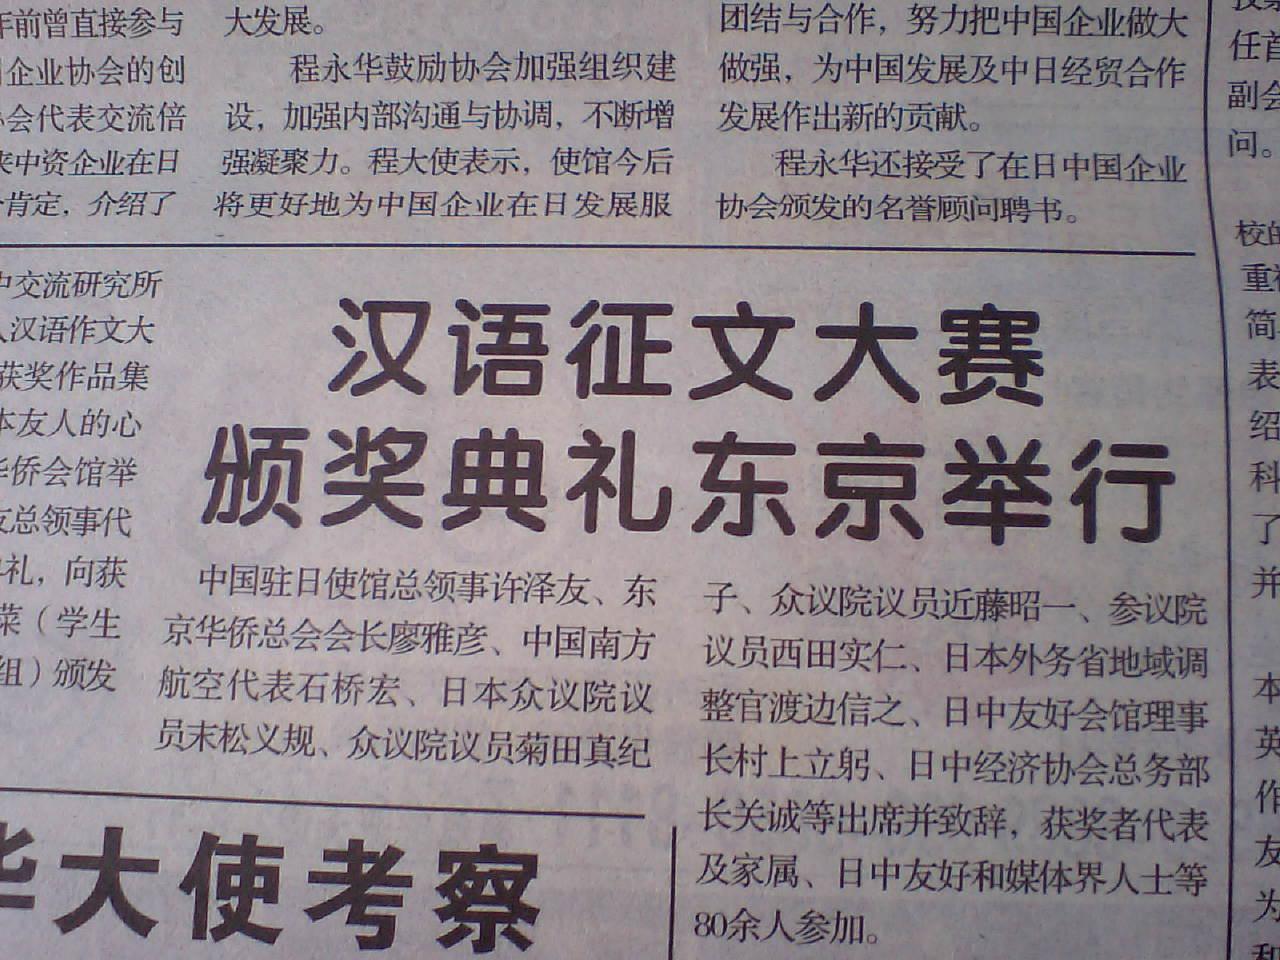 華風新聞 第五回日本人の中国語作文コンクール表彰式を報道_d0027795_14323666.jpg